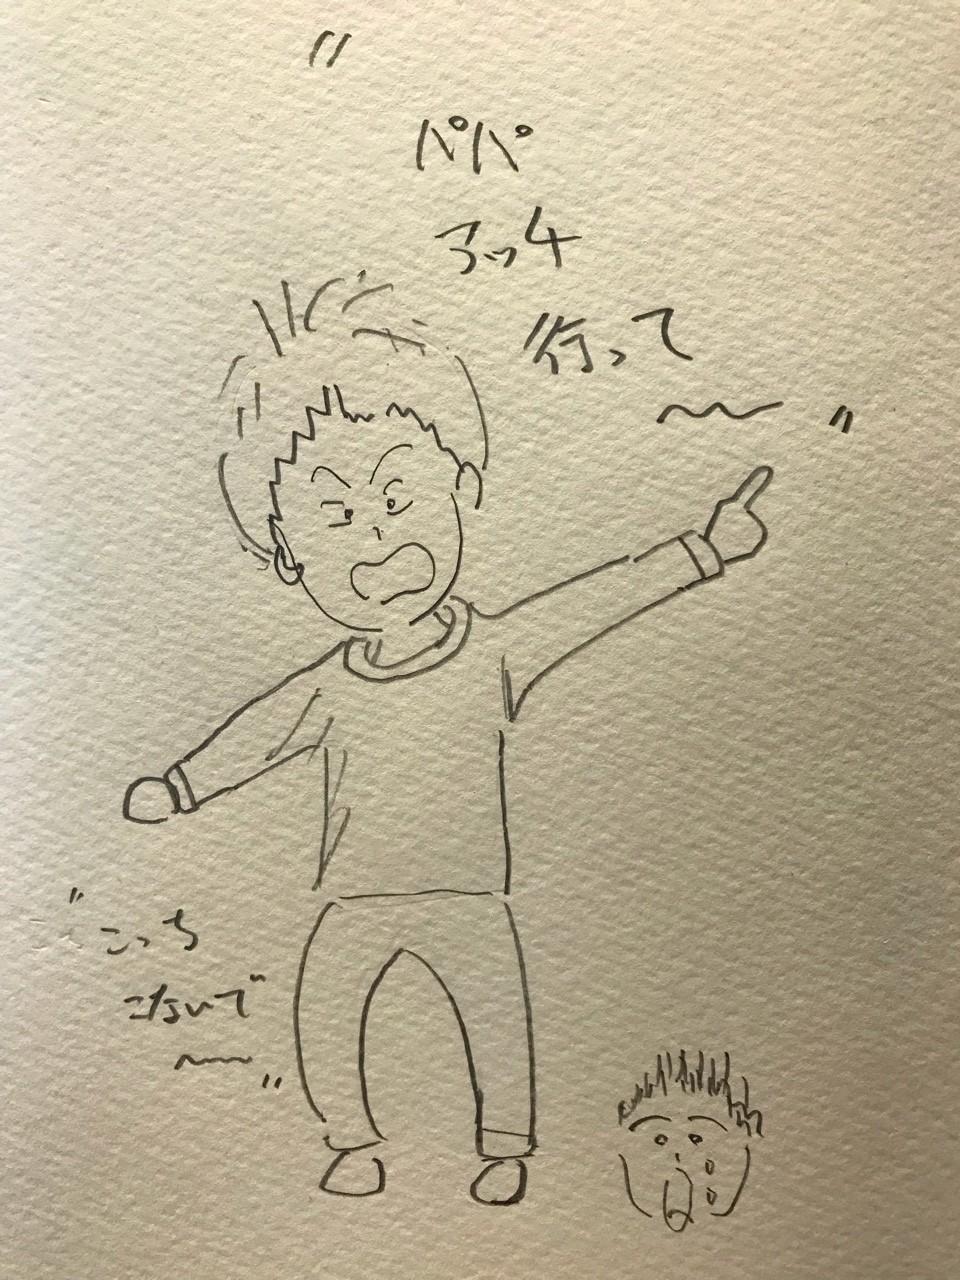 ず〜〜〜っと!? 涙😢